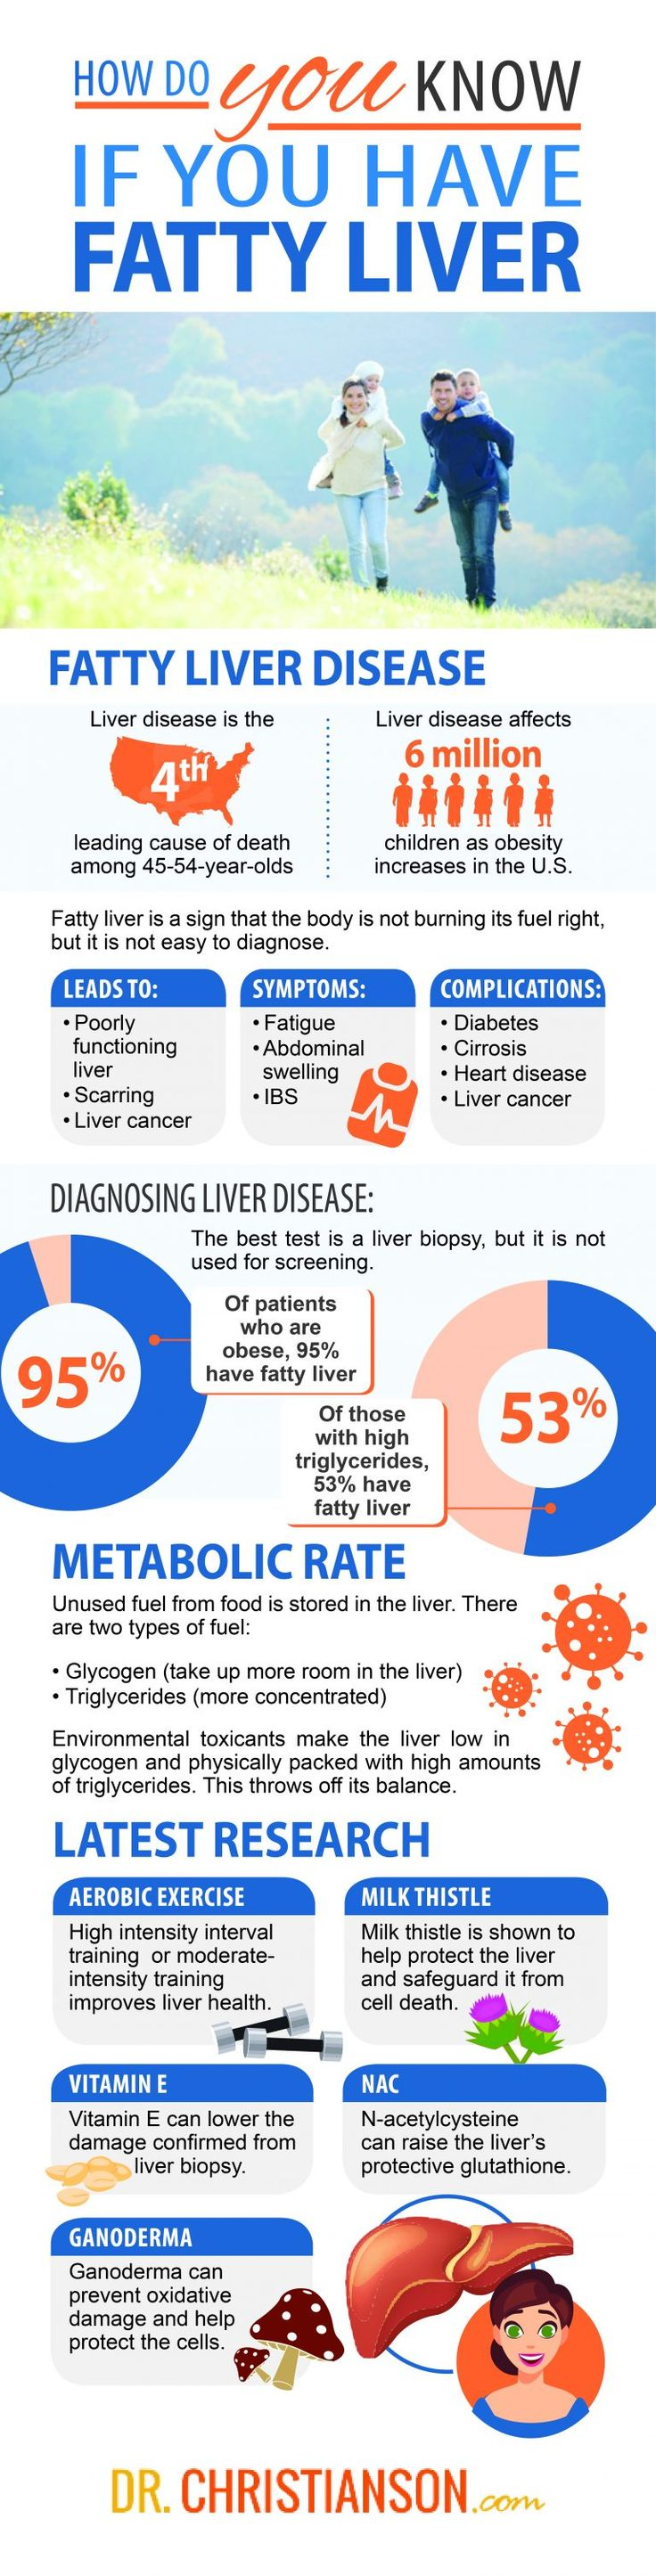 How do you know if you have fatty liver fatty liver